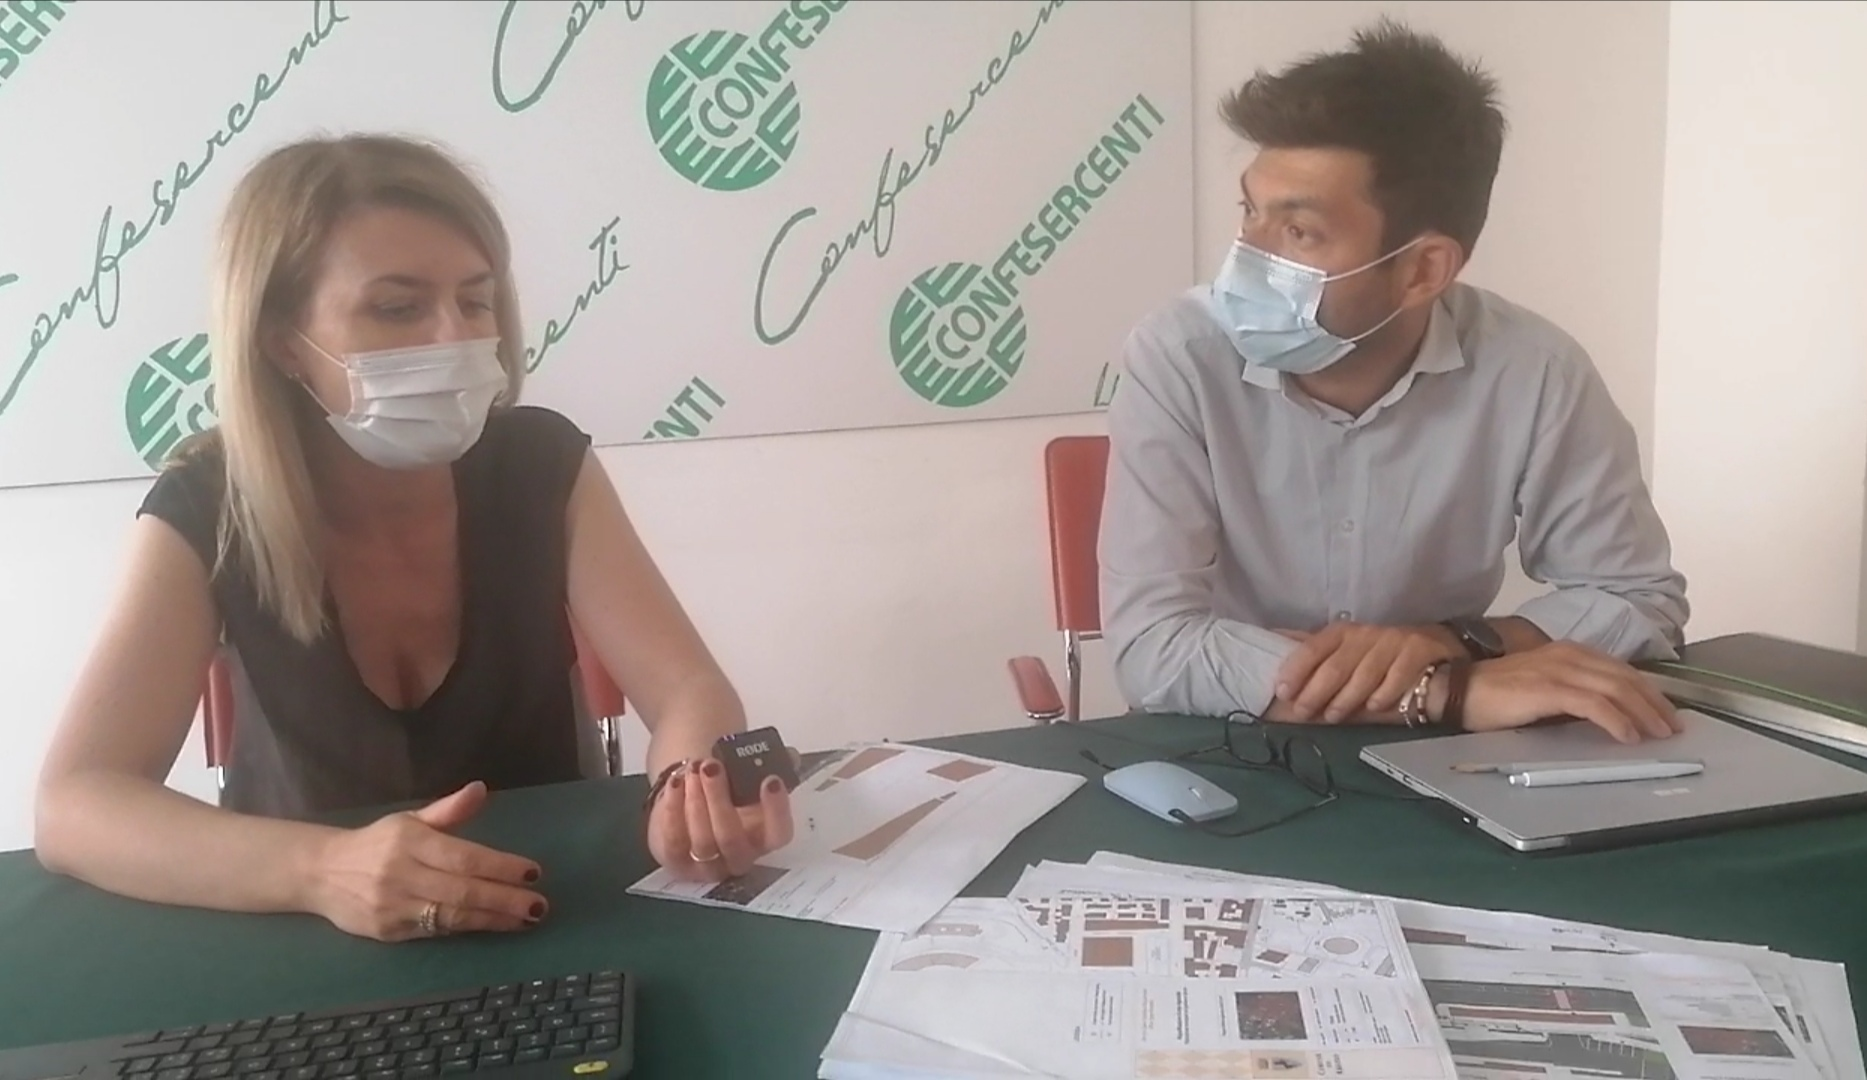 Confesercenti Arezzo, riqualificazione del quartiere Saione: incontro con l'Assessore Alessandro Casi